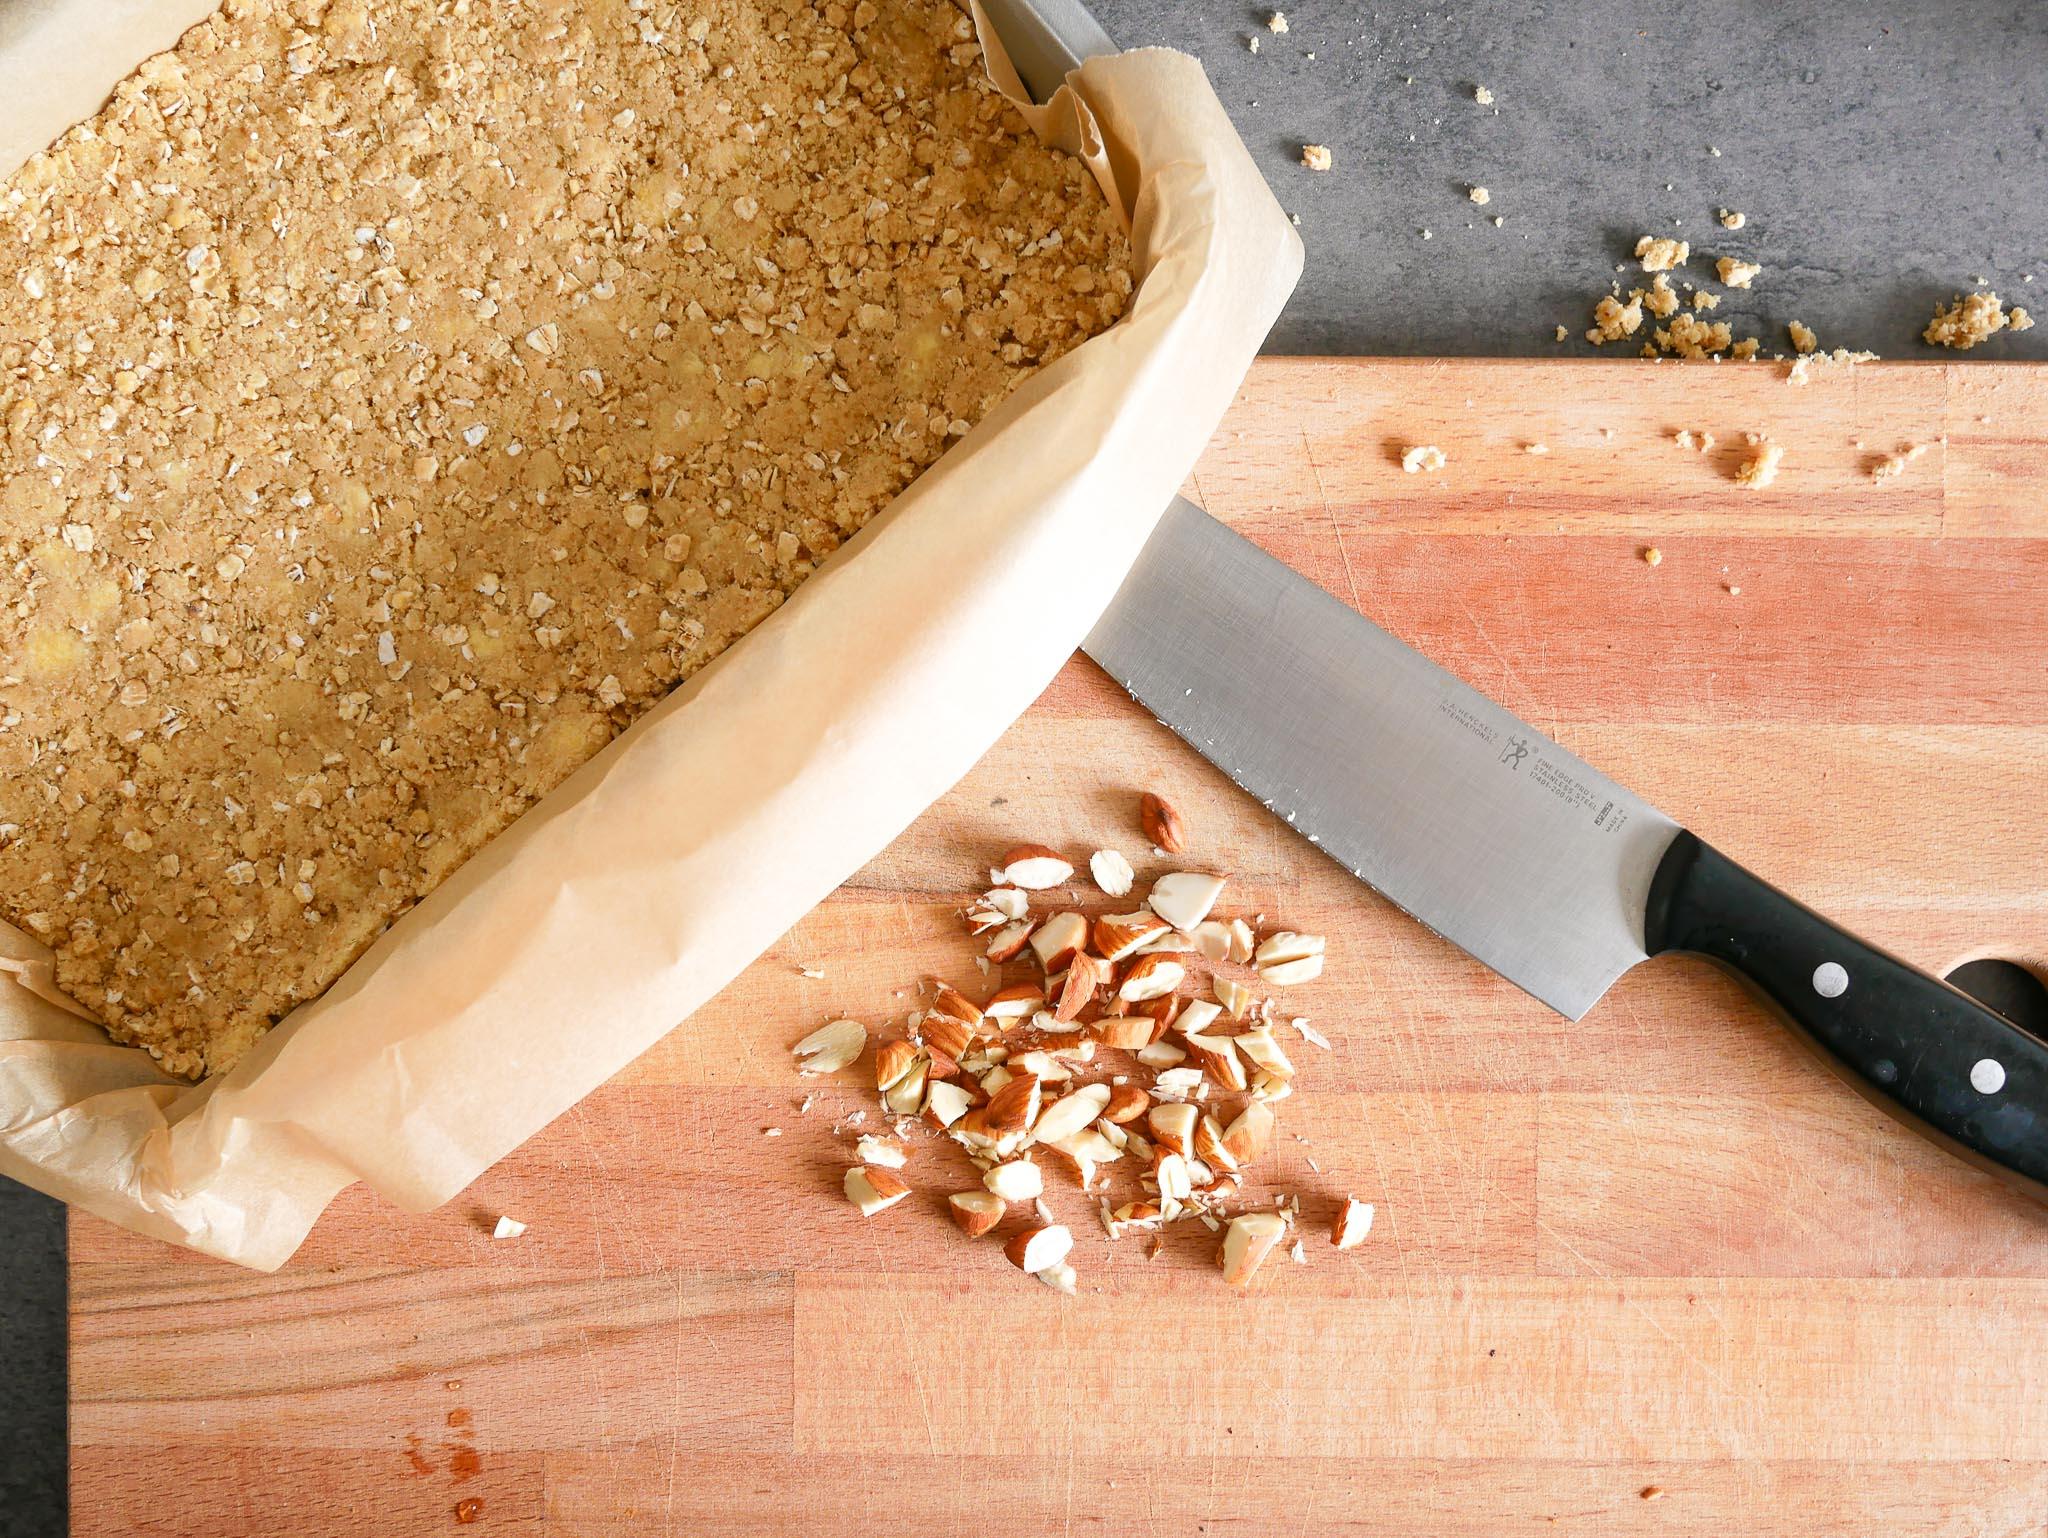 On coupe des amandes grossièrement que l'on ajoute au reste de pâte